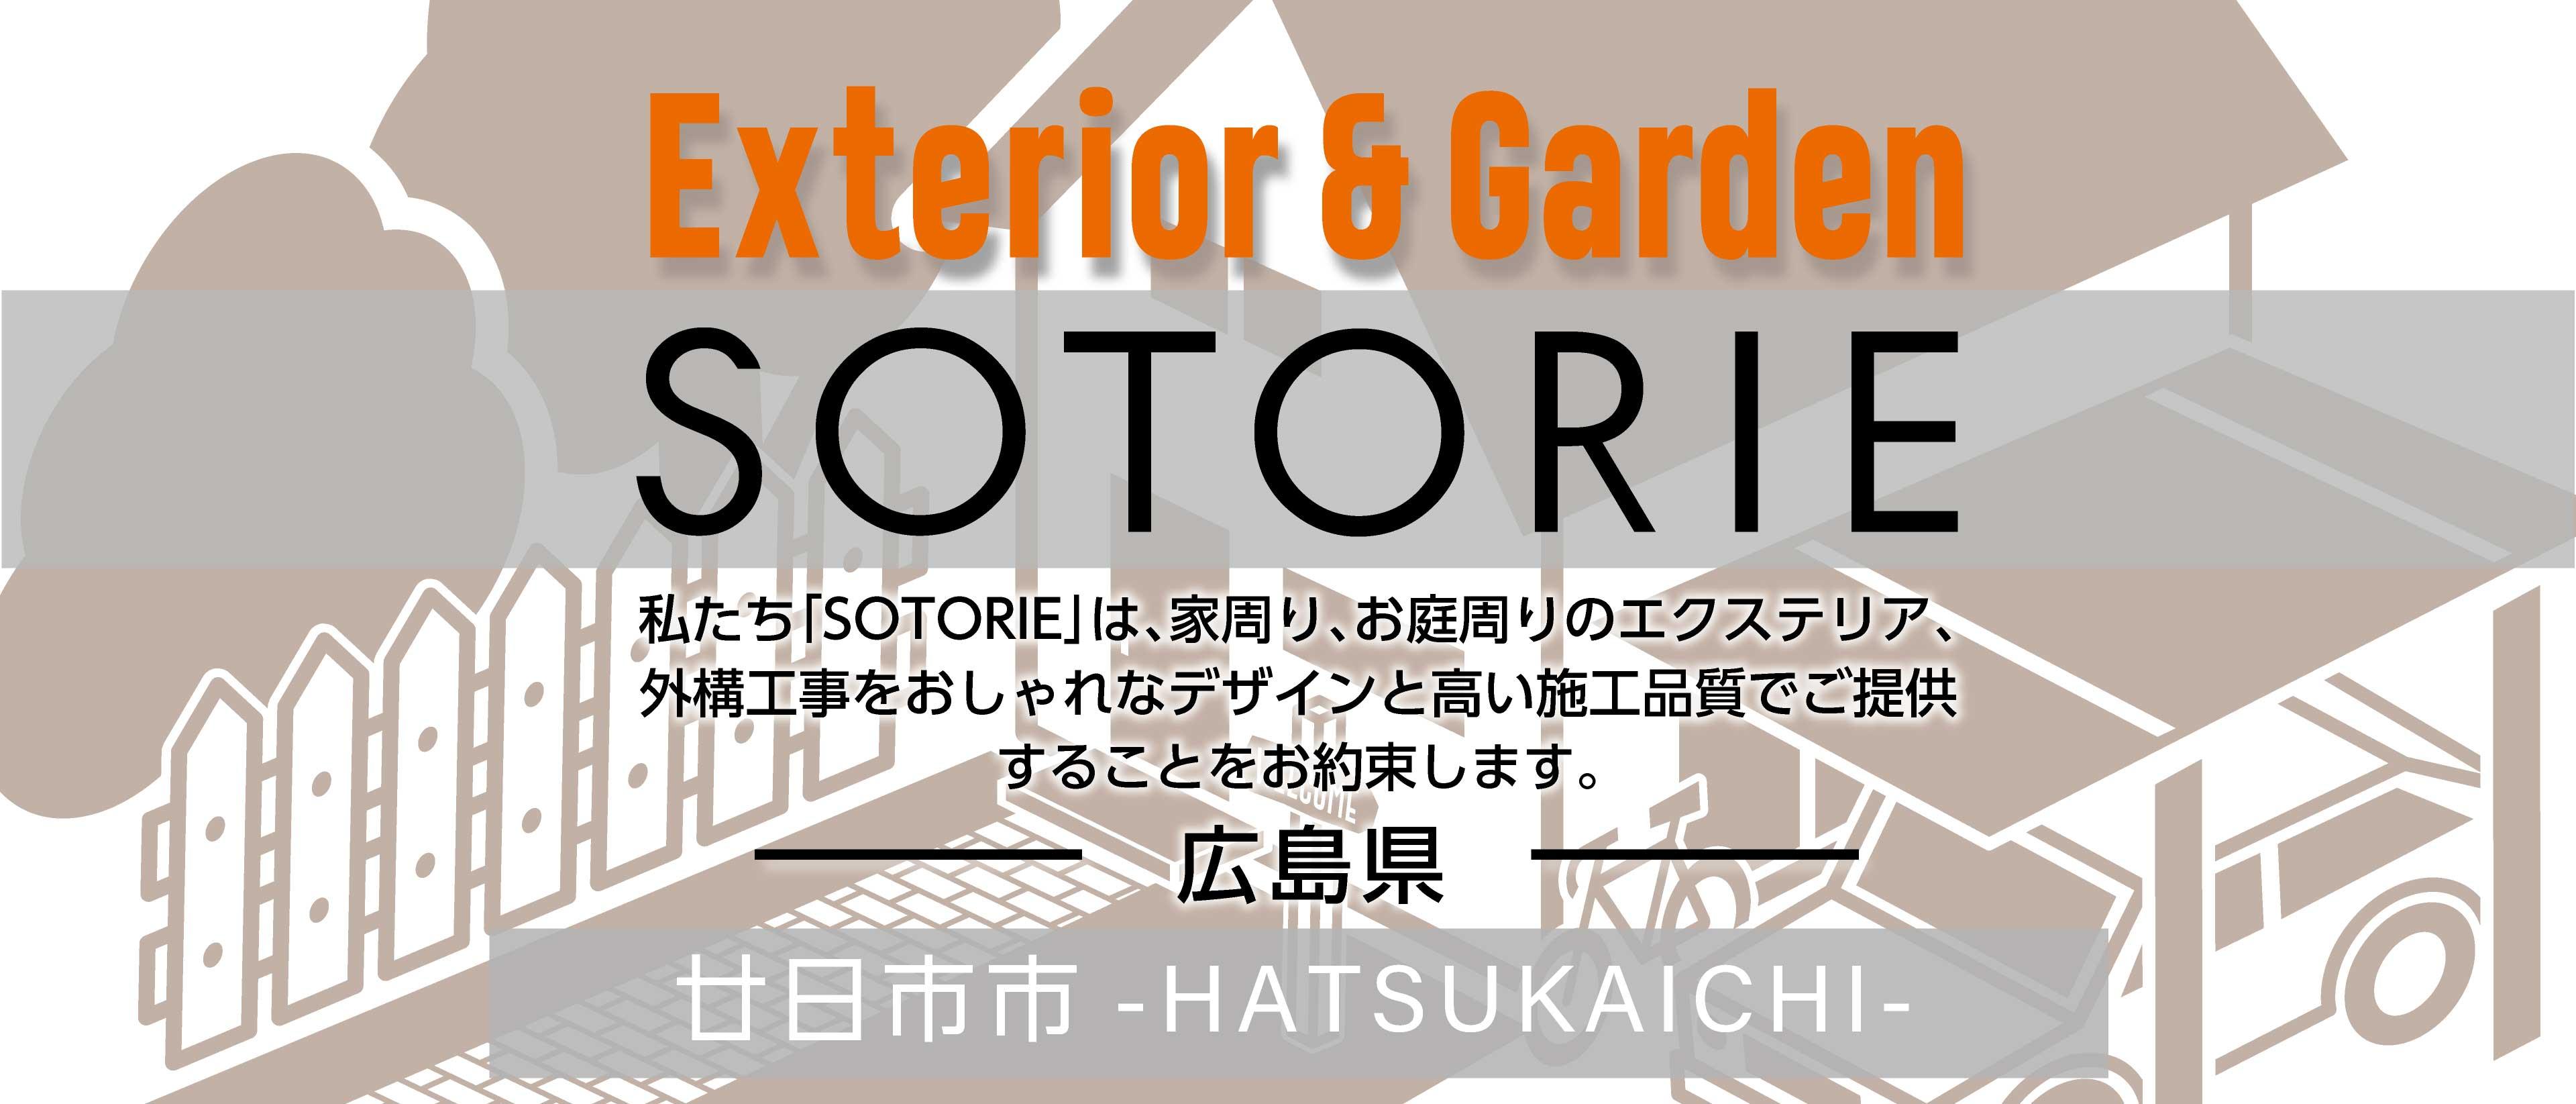 ソトリエ廿日市市では、家周りと庭周りの外構、エクステリア工事をおしゃれなデザインと高い施工品質でご提供することをお約束します。